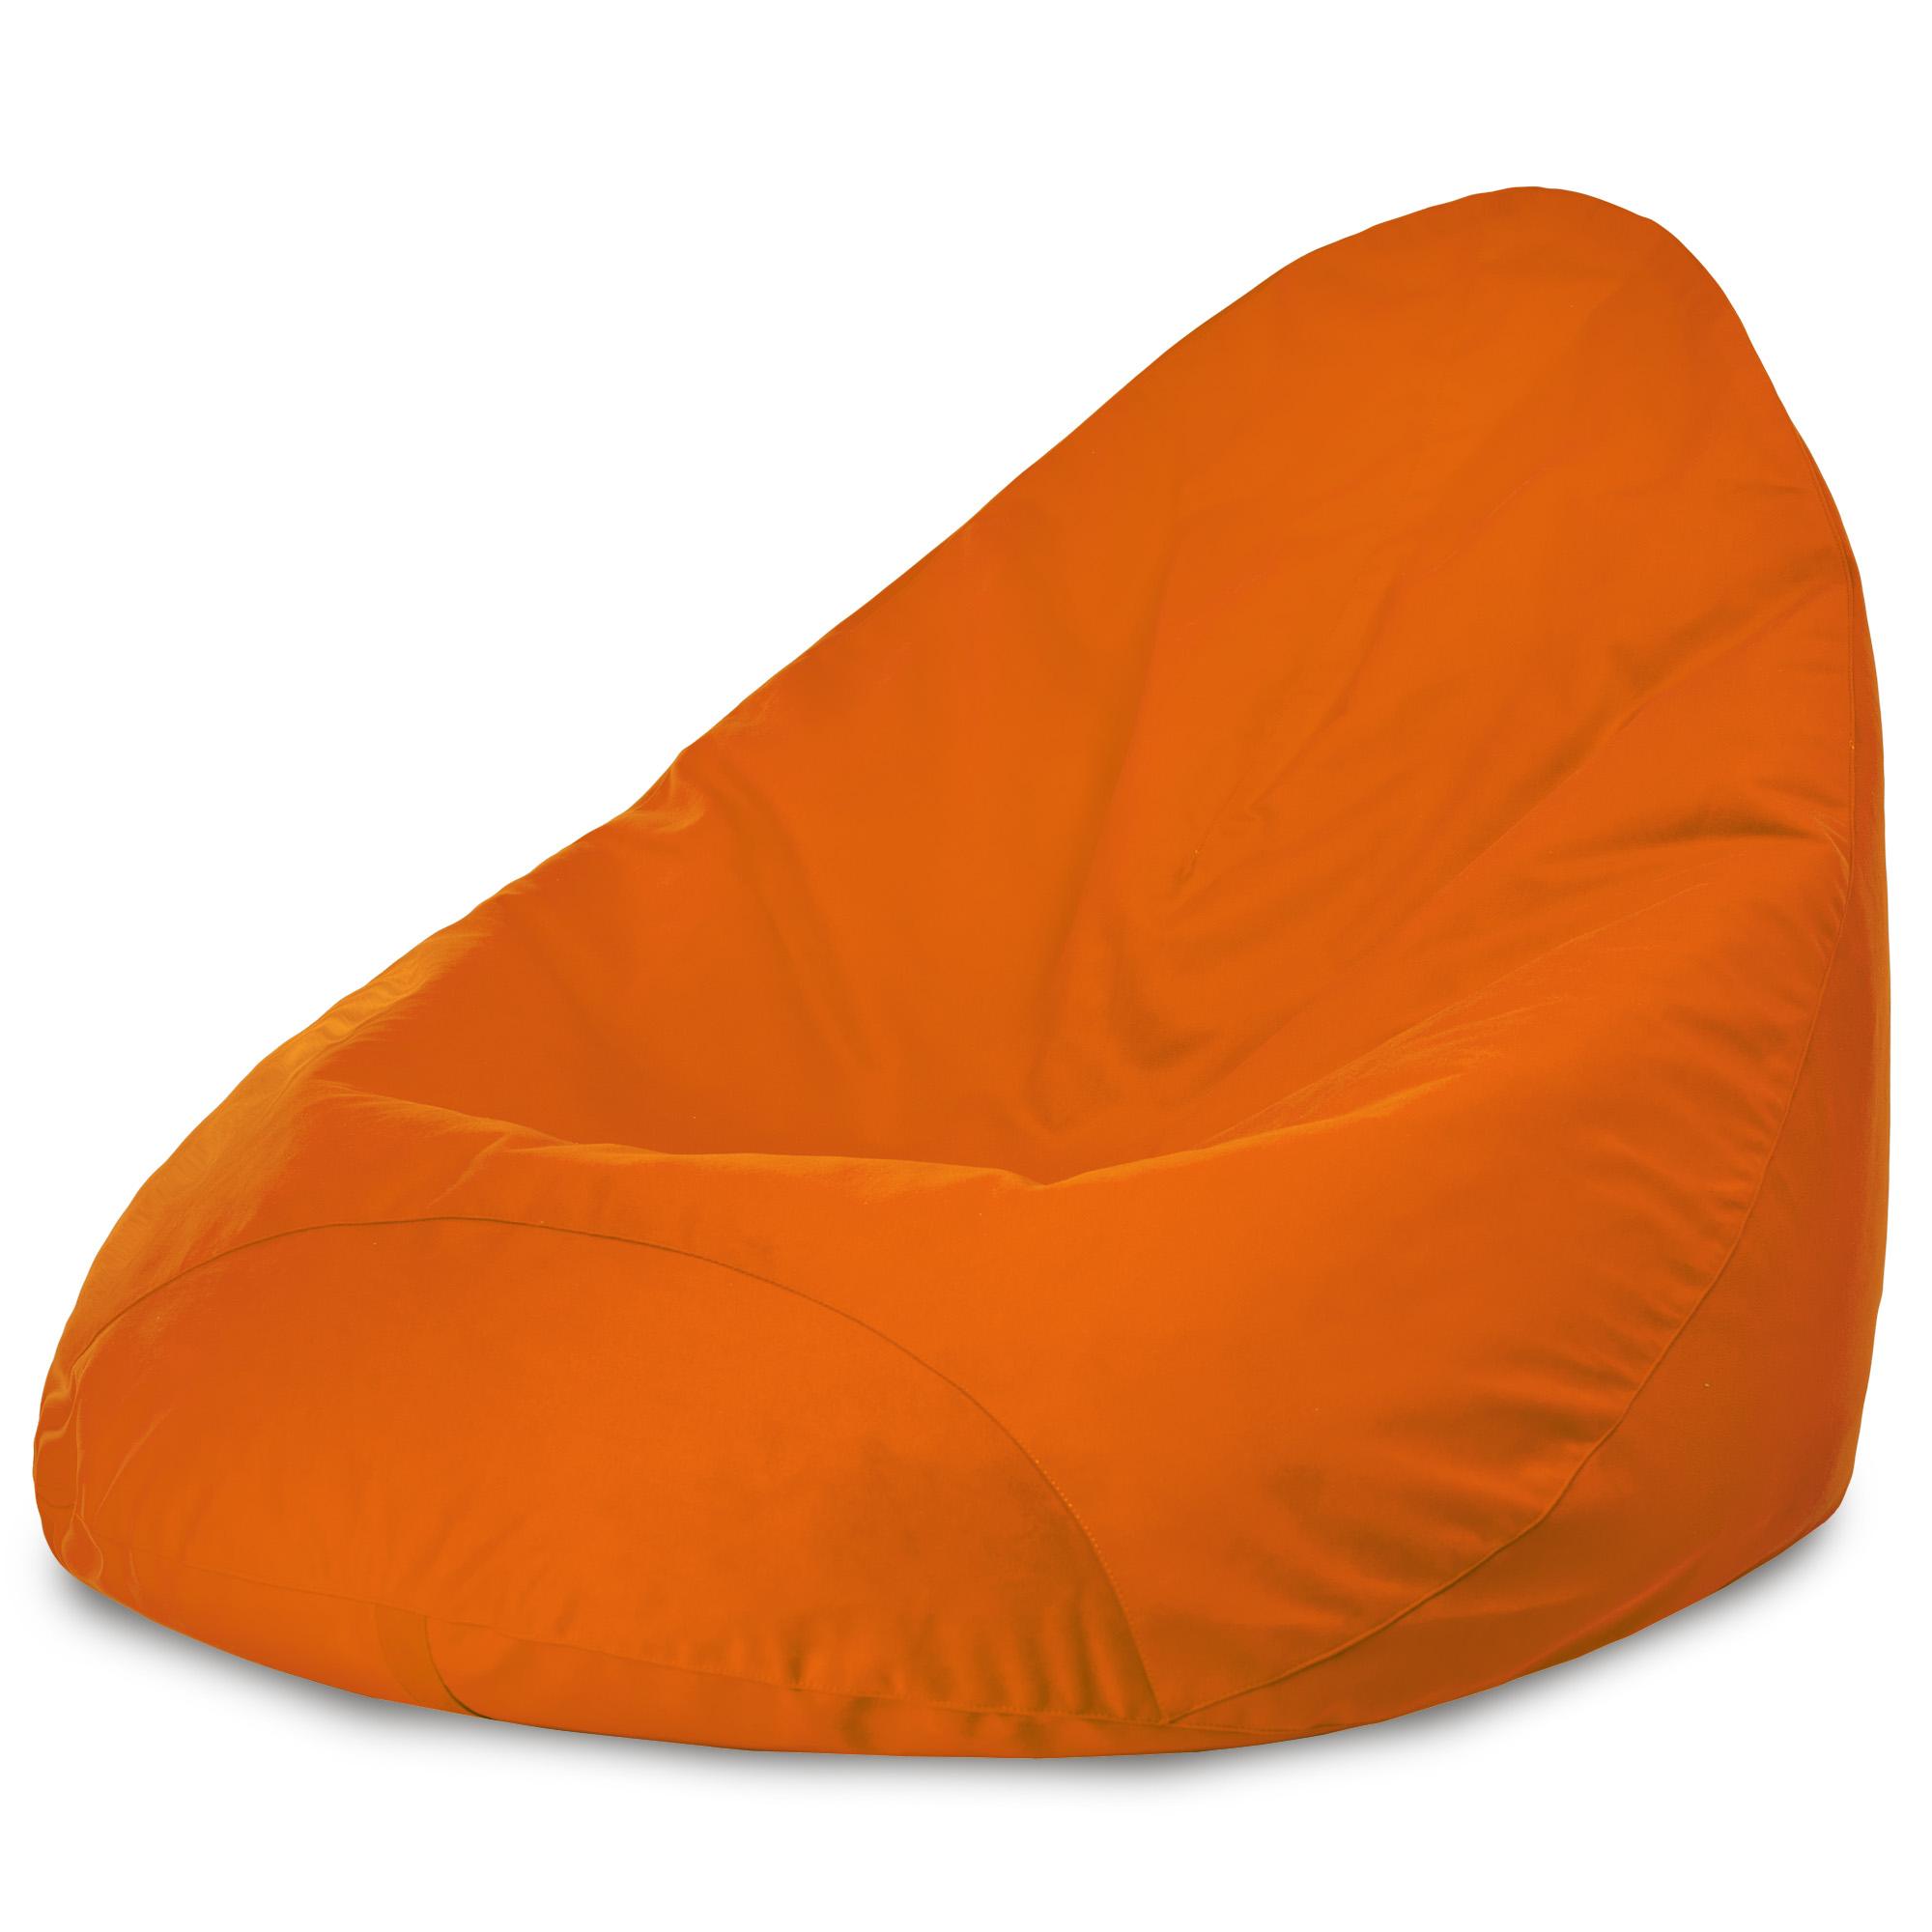 Orange Sitzsack Mit Lehne Drop Plüsch ITALPOUF